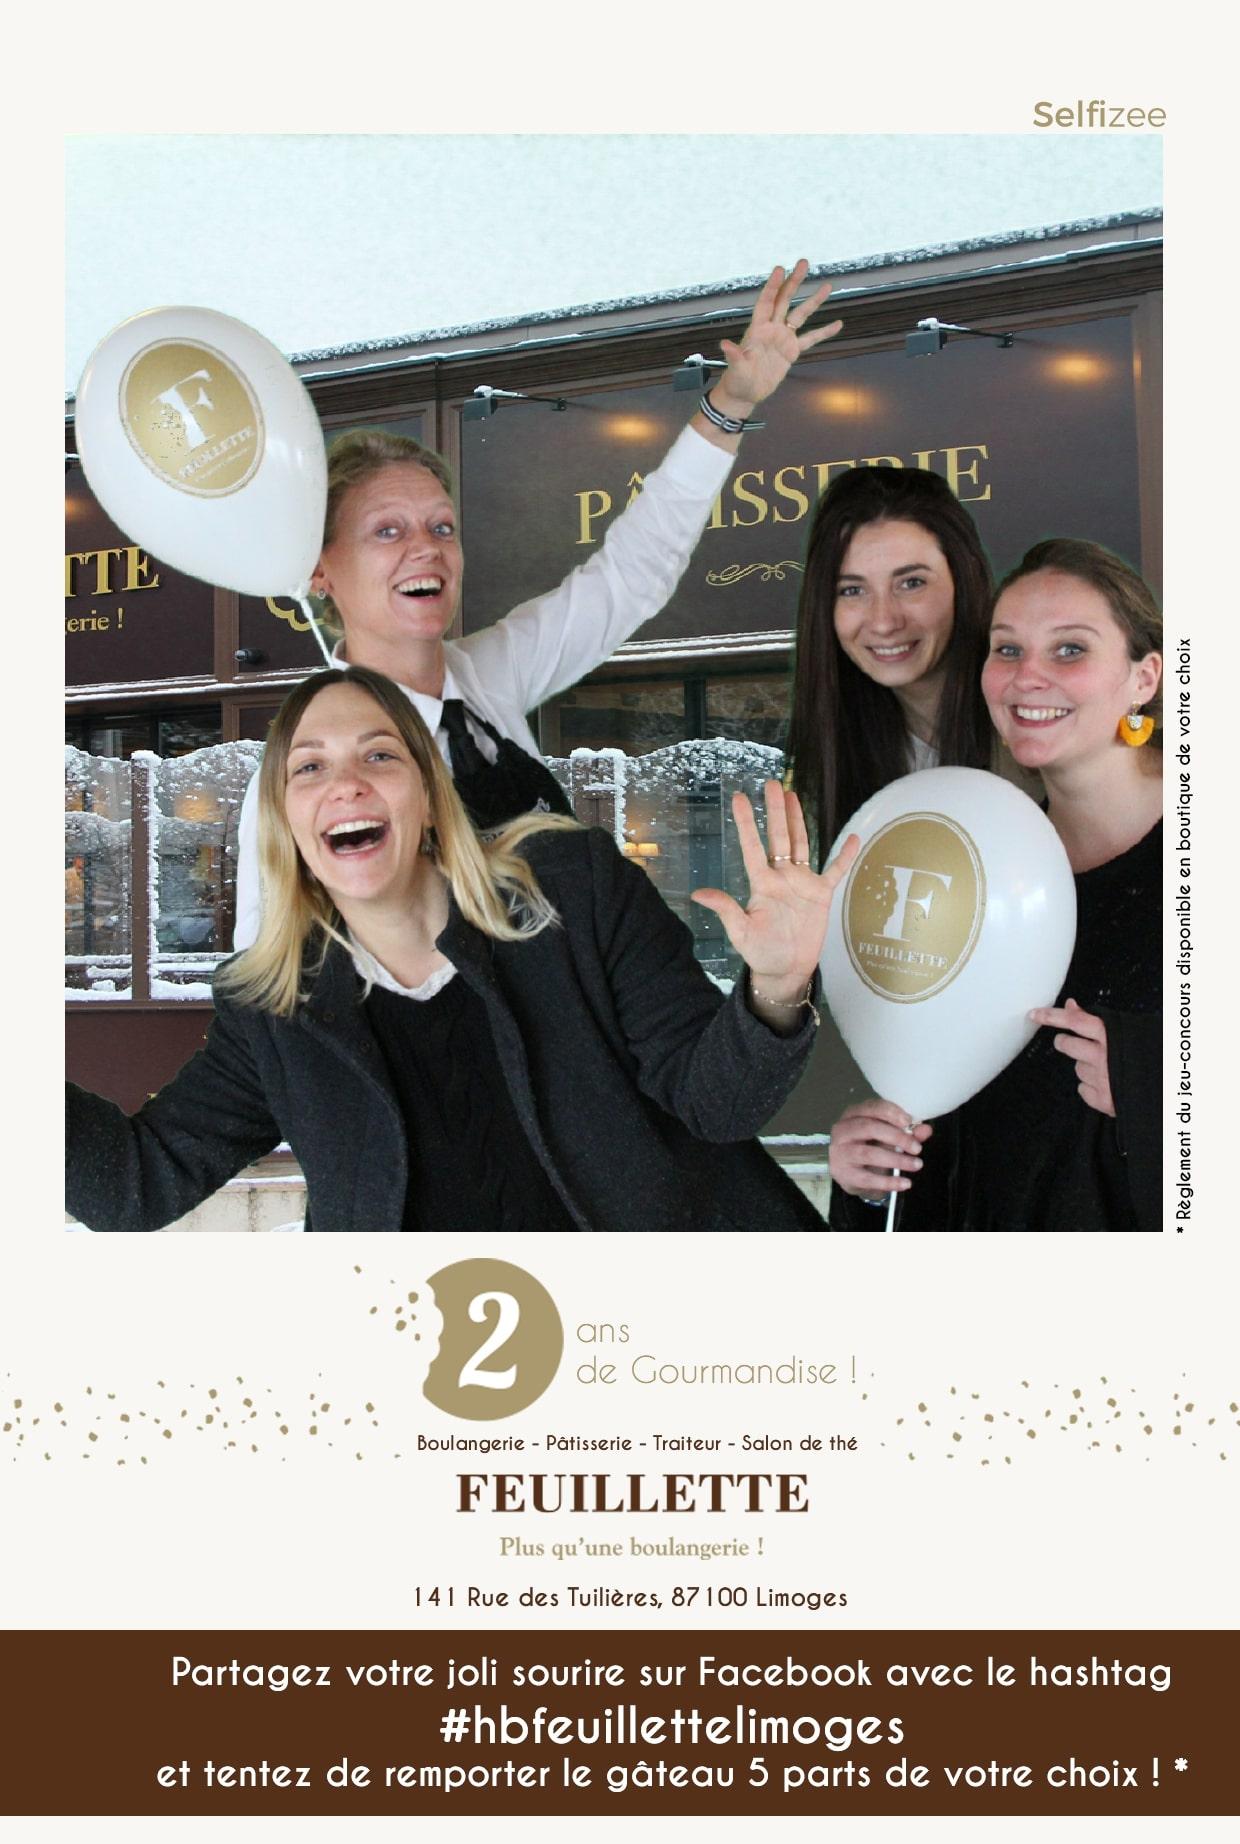 Animation selfie box pour fête anniversaire boulangerie Feuillette Limoges avec jeu concours Facebook avec selfies de la borne photo octobre 2019